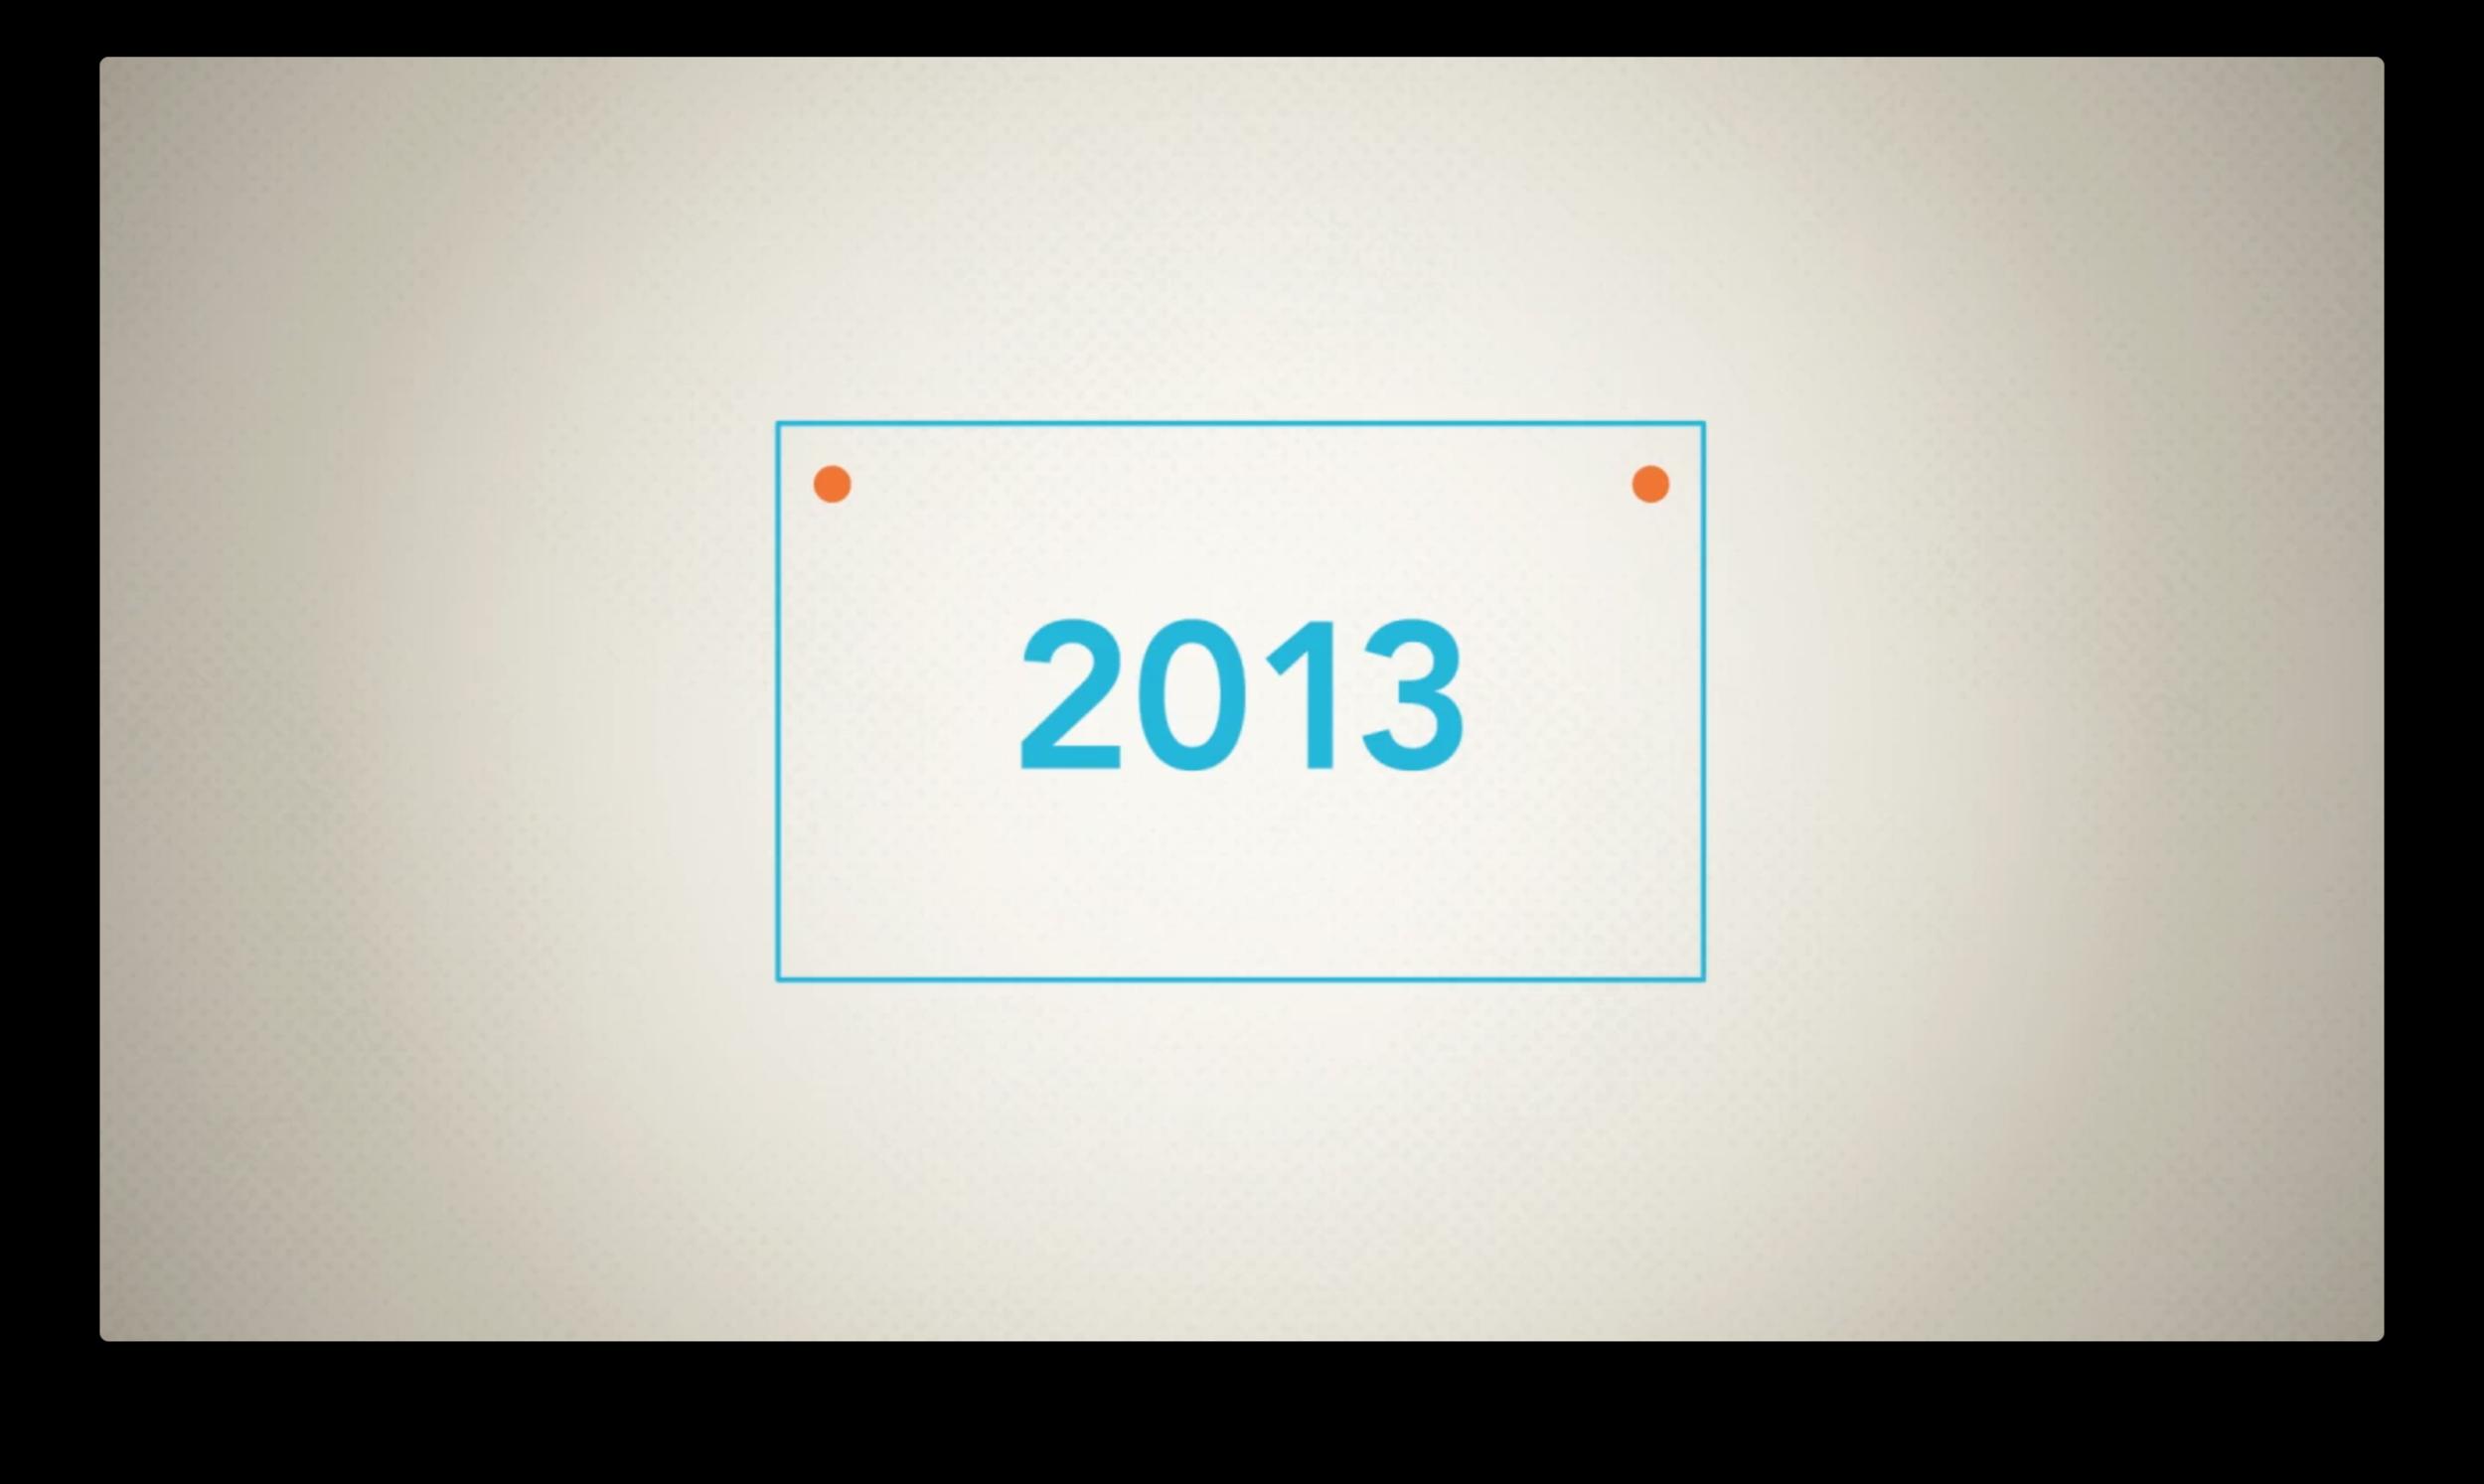 Screen Shot 2014-12-14 at 9.30.04 PM.png